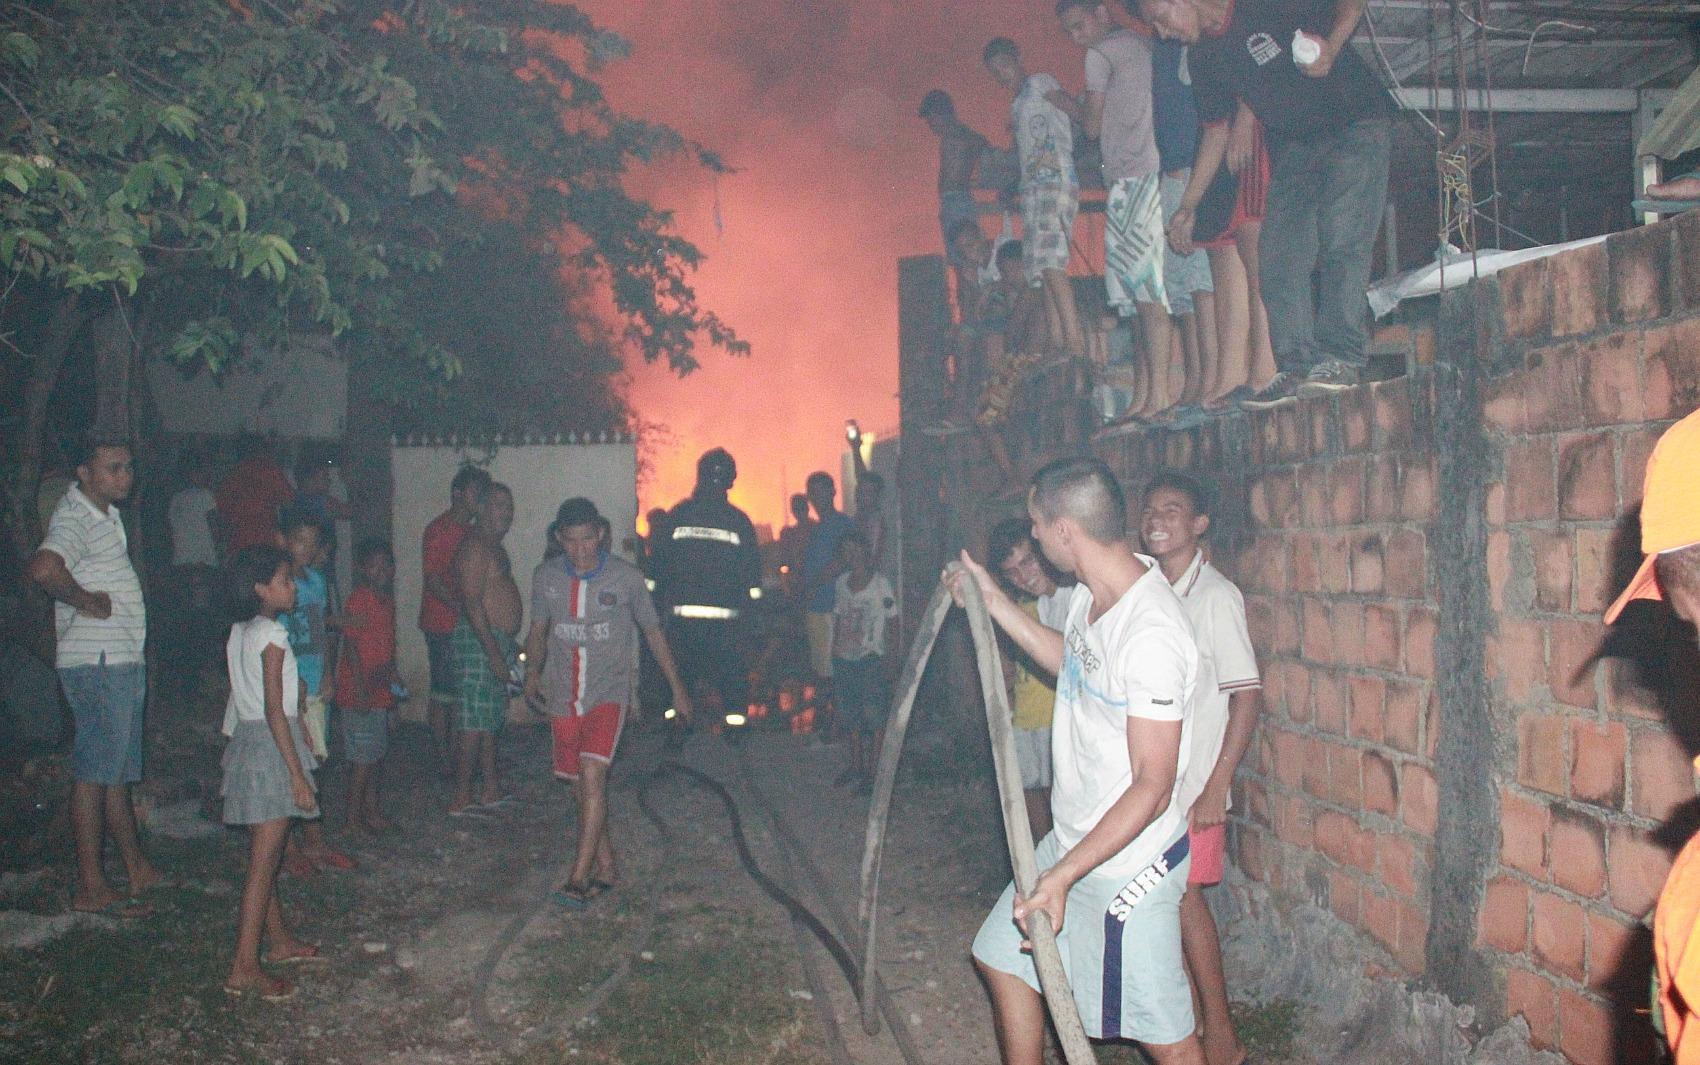 Moradores ajudam bombeiros a controlar o fogo